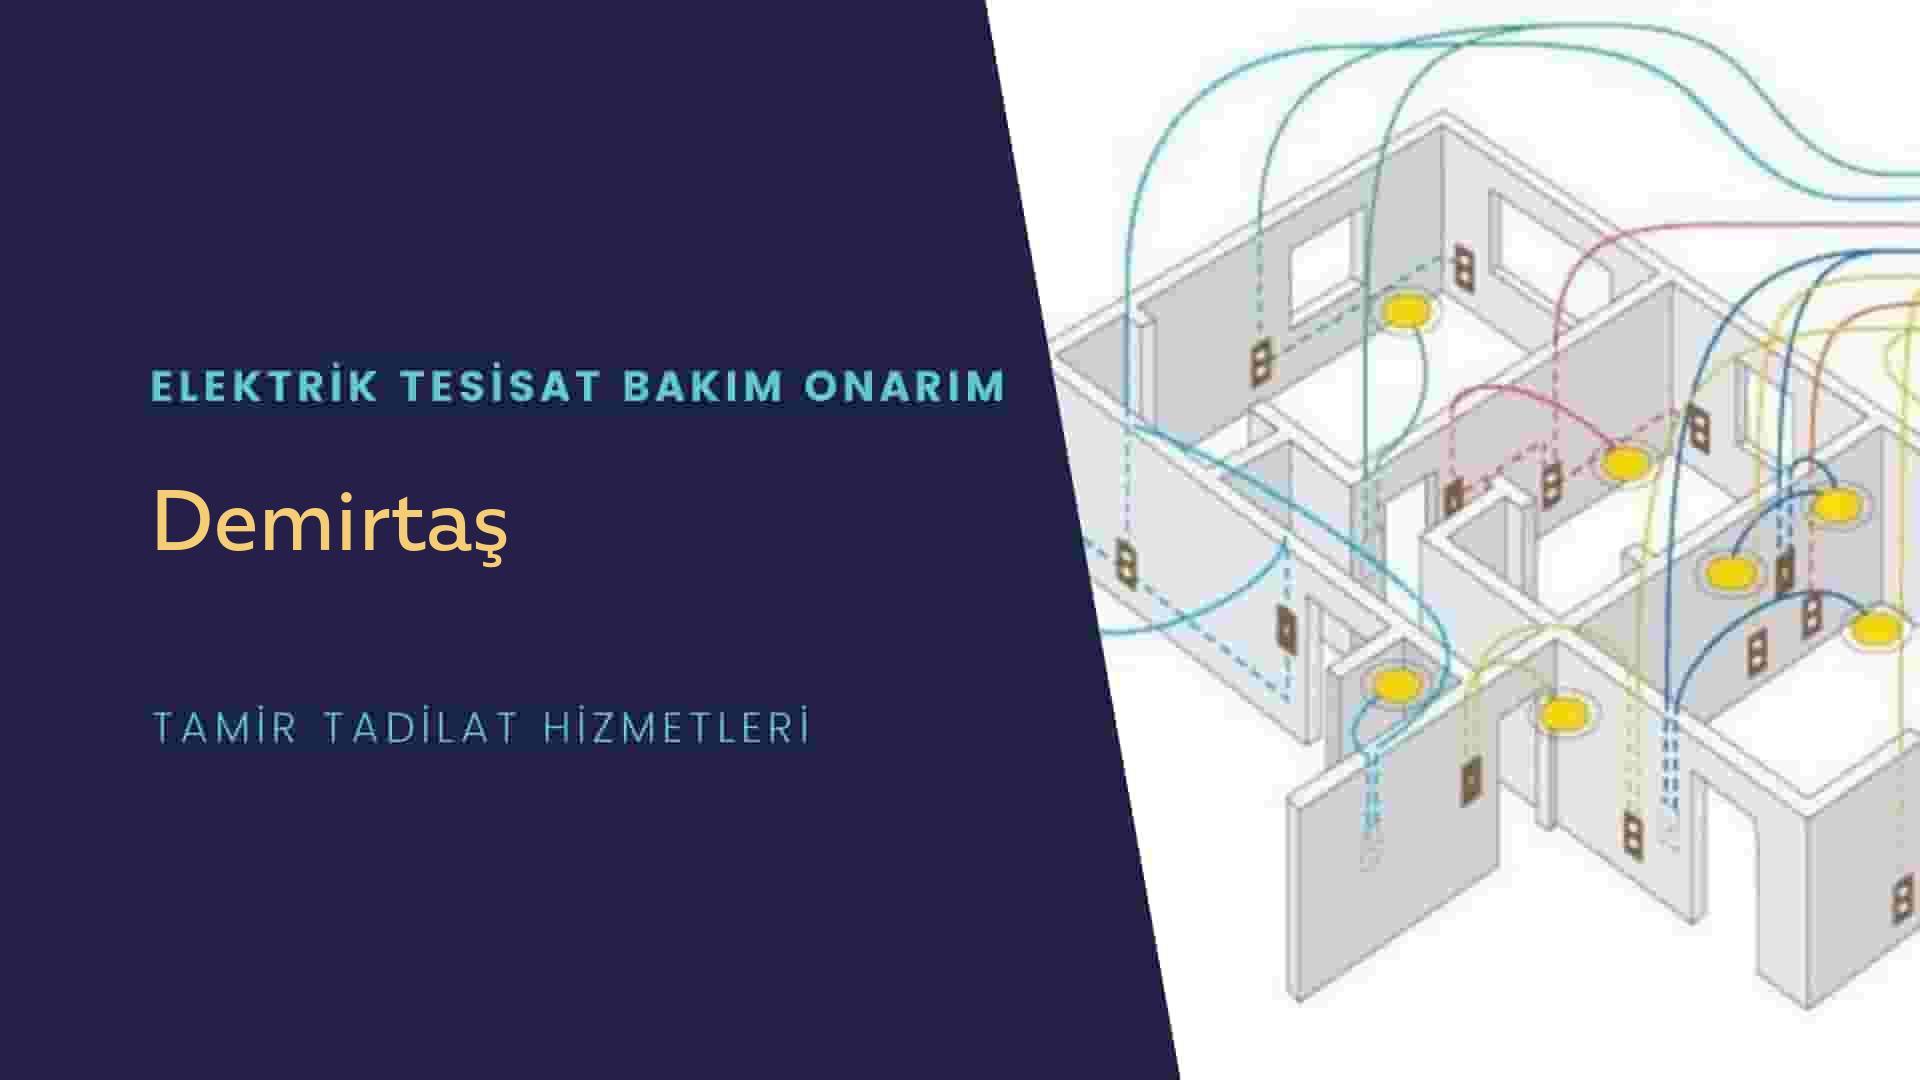 Demirtaş'ta elektrik tesisatıustalarımı arıyorsunuz doğru adrestenizi Demirtaş elektrik tesisatı ustalarımız 7/24 sizlere hizmet vermekten mutluluk duyar.